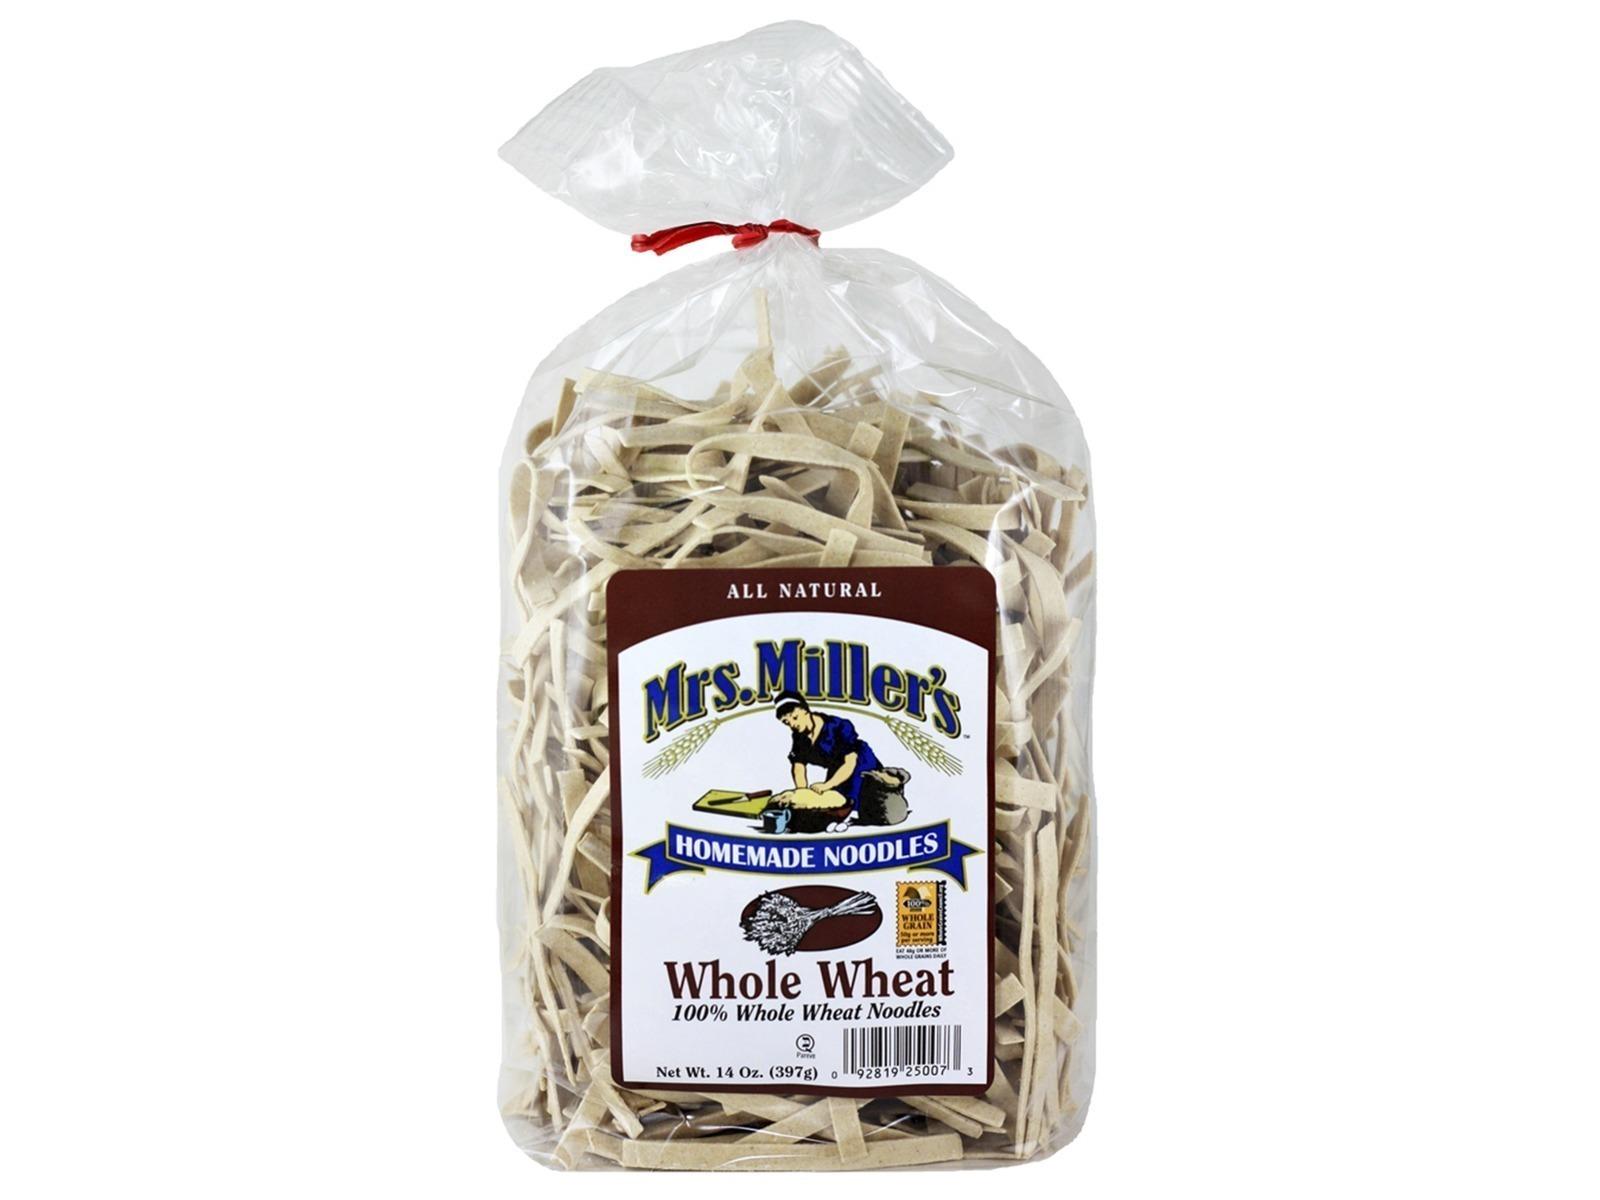 Whole Wheat Noodles